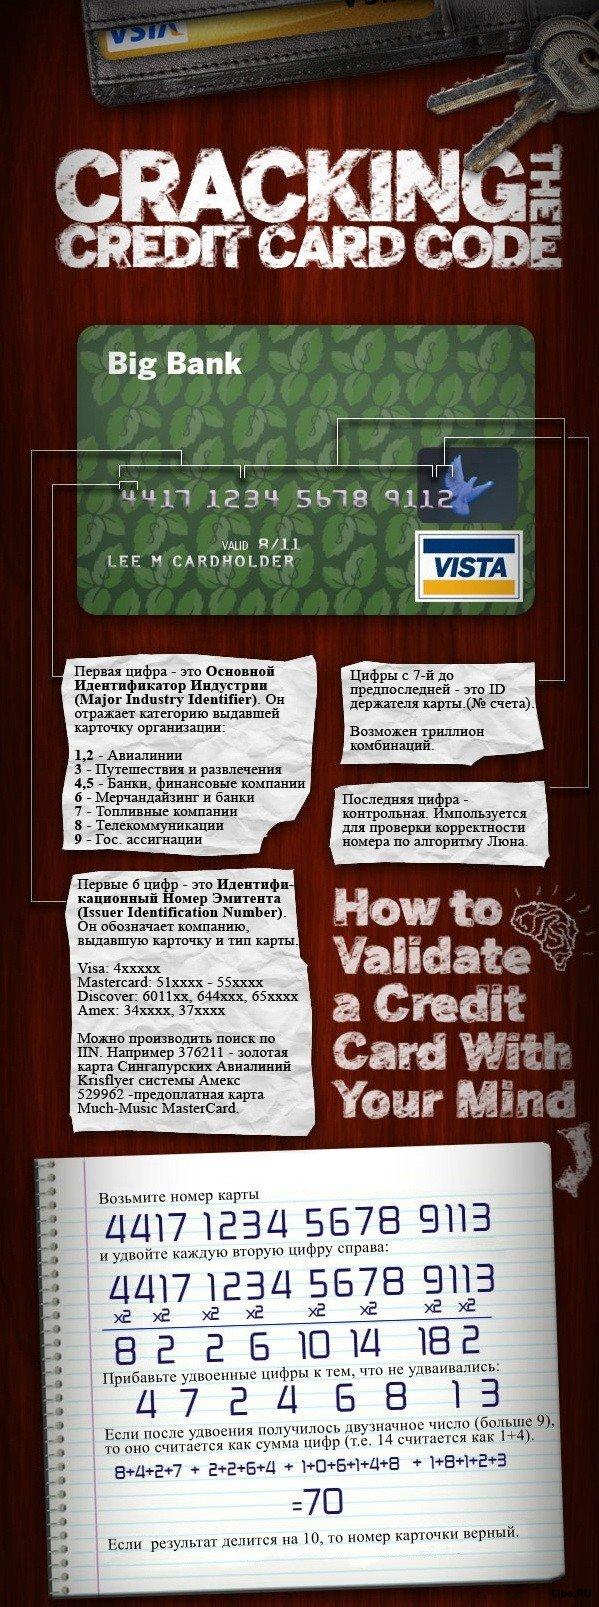 Что означают цифры на кредитке